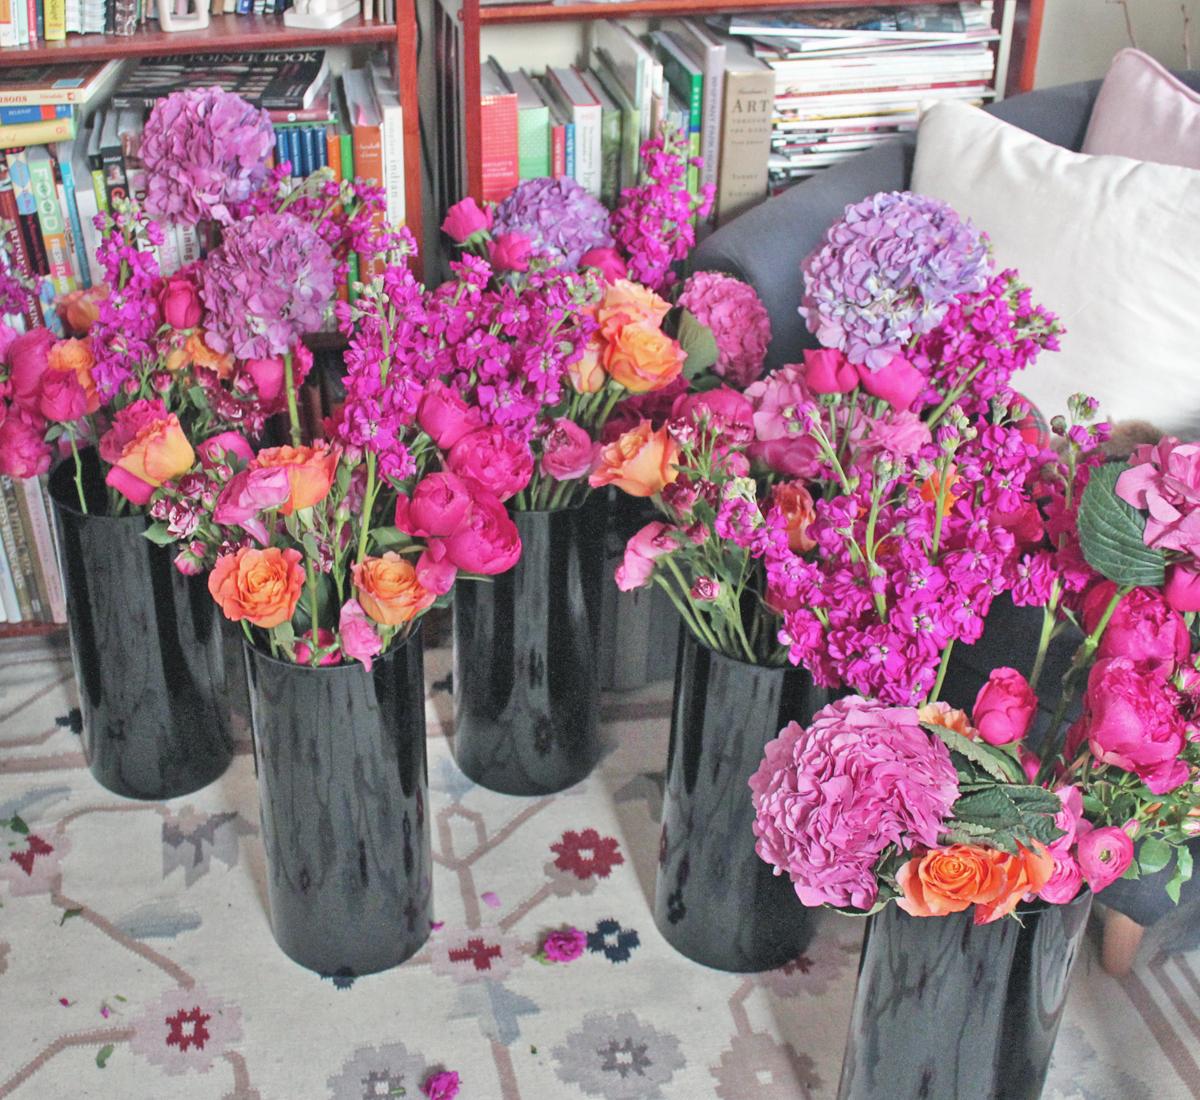 jewel-tone-flowers-11